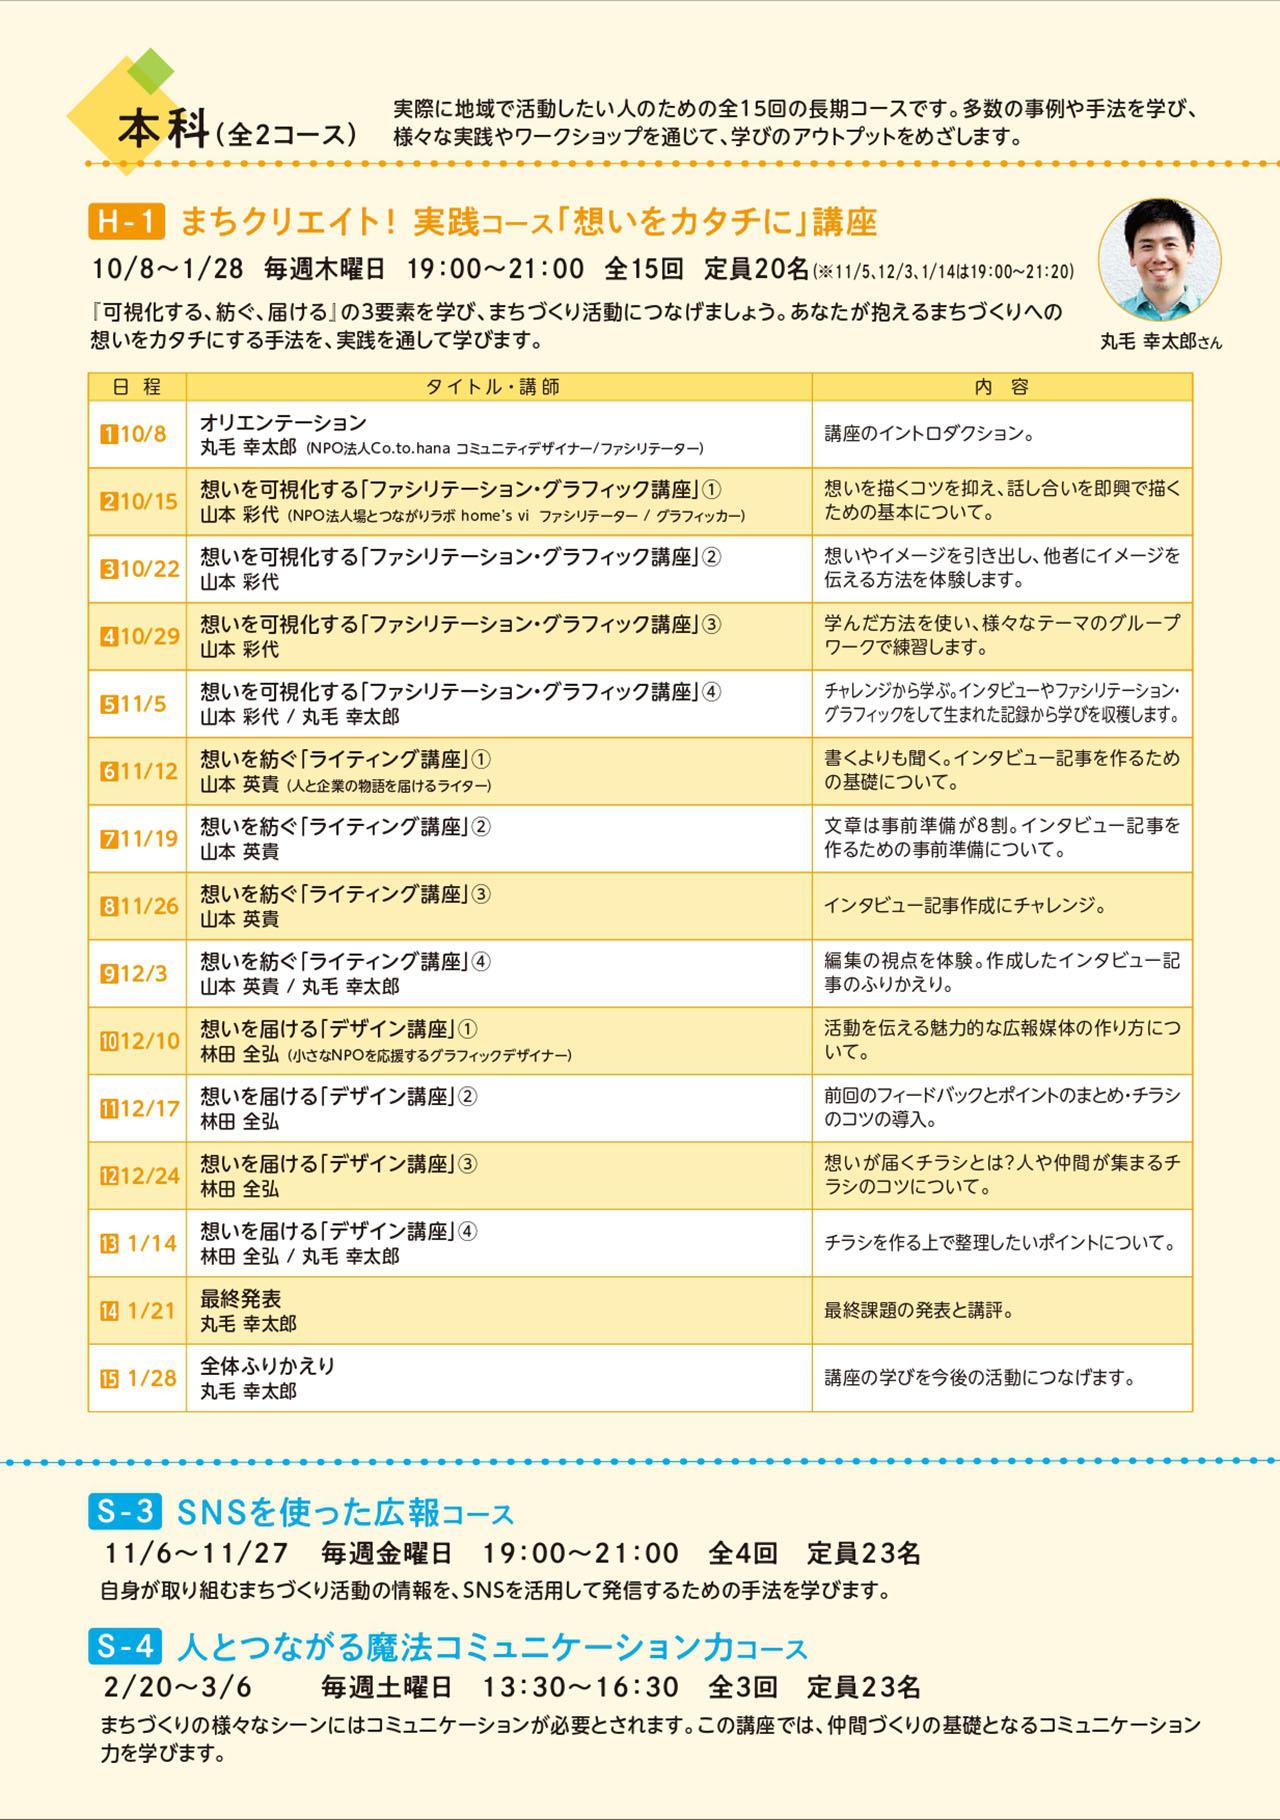 いちょうカレッジ 本科 大阪の魅力発信コース|2020.11.24 講師:金輪際セメ子(大阪市北区)